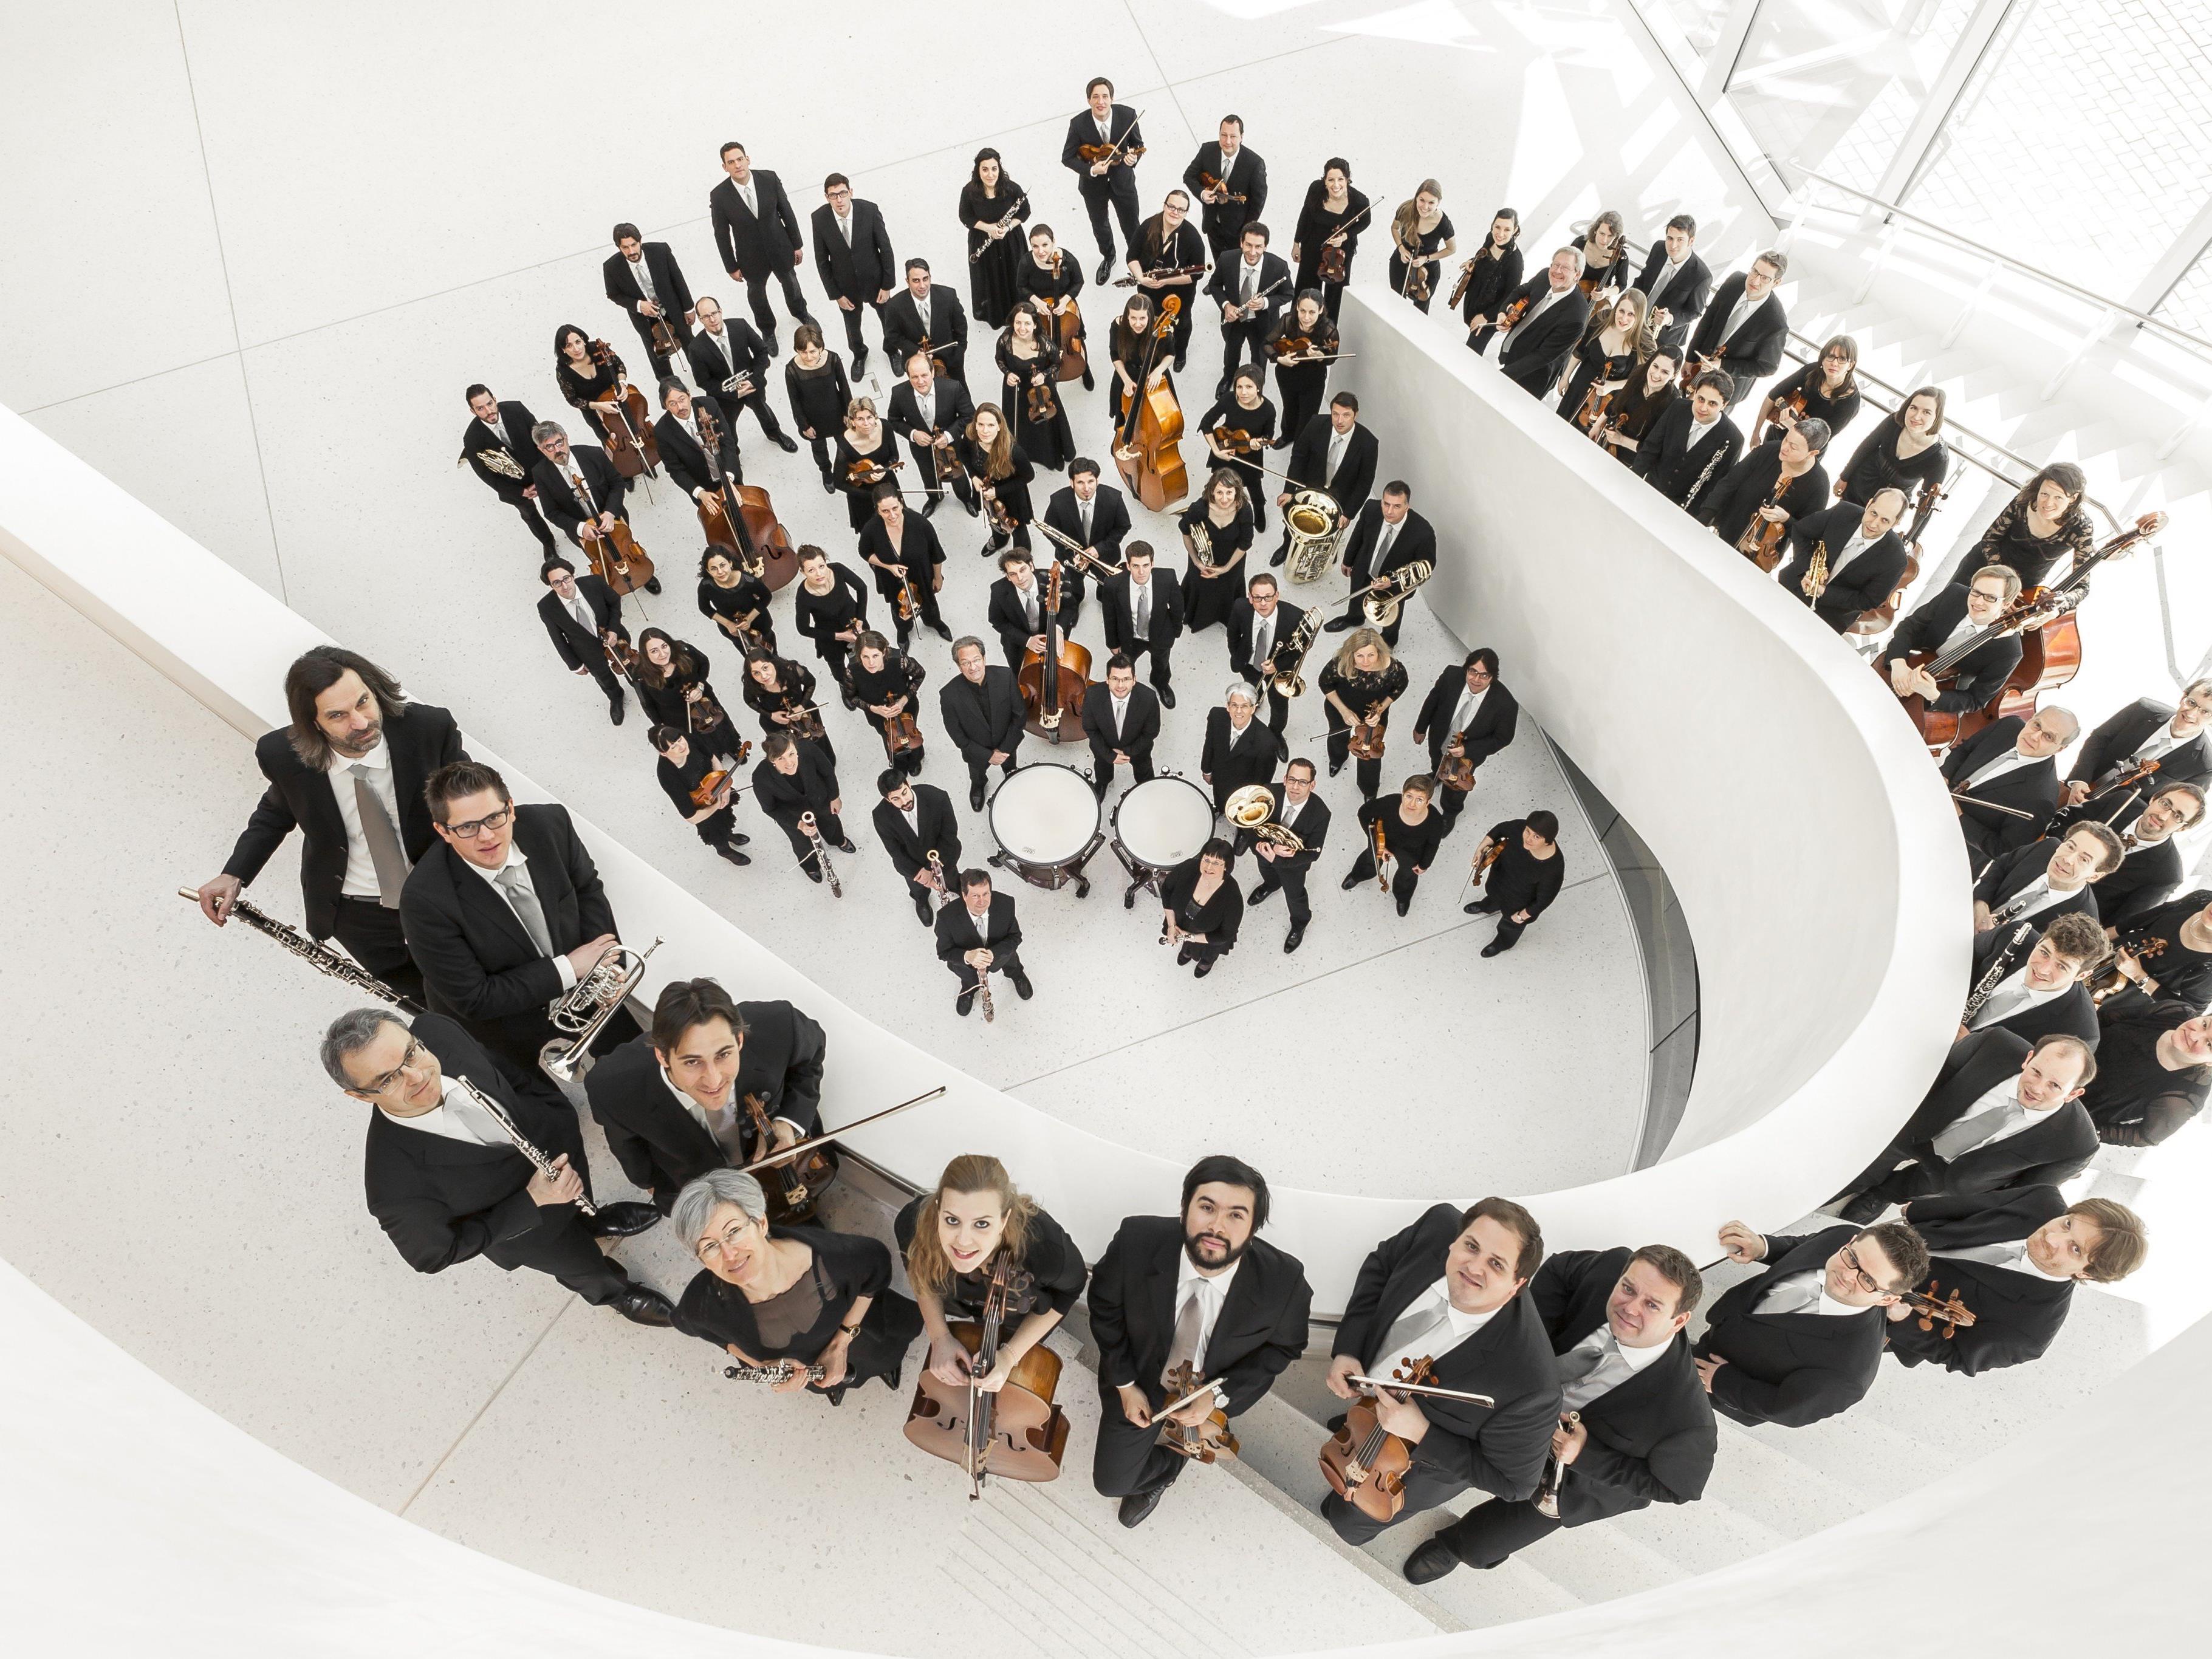 Künstlerische Qualität und eine Programmphilosophie im Spannungsfeld von Klassik bis zu zeitgenössischen Kompositionen sind zum Markenzeichen des Klangkörpers geworden.